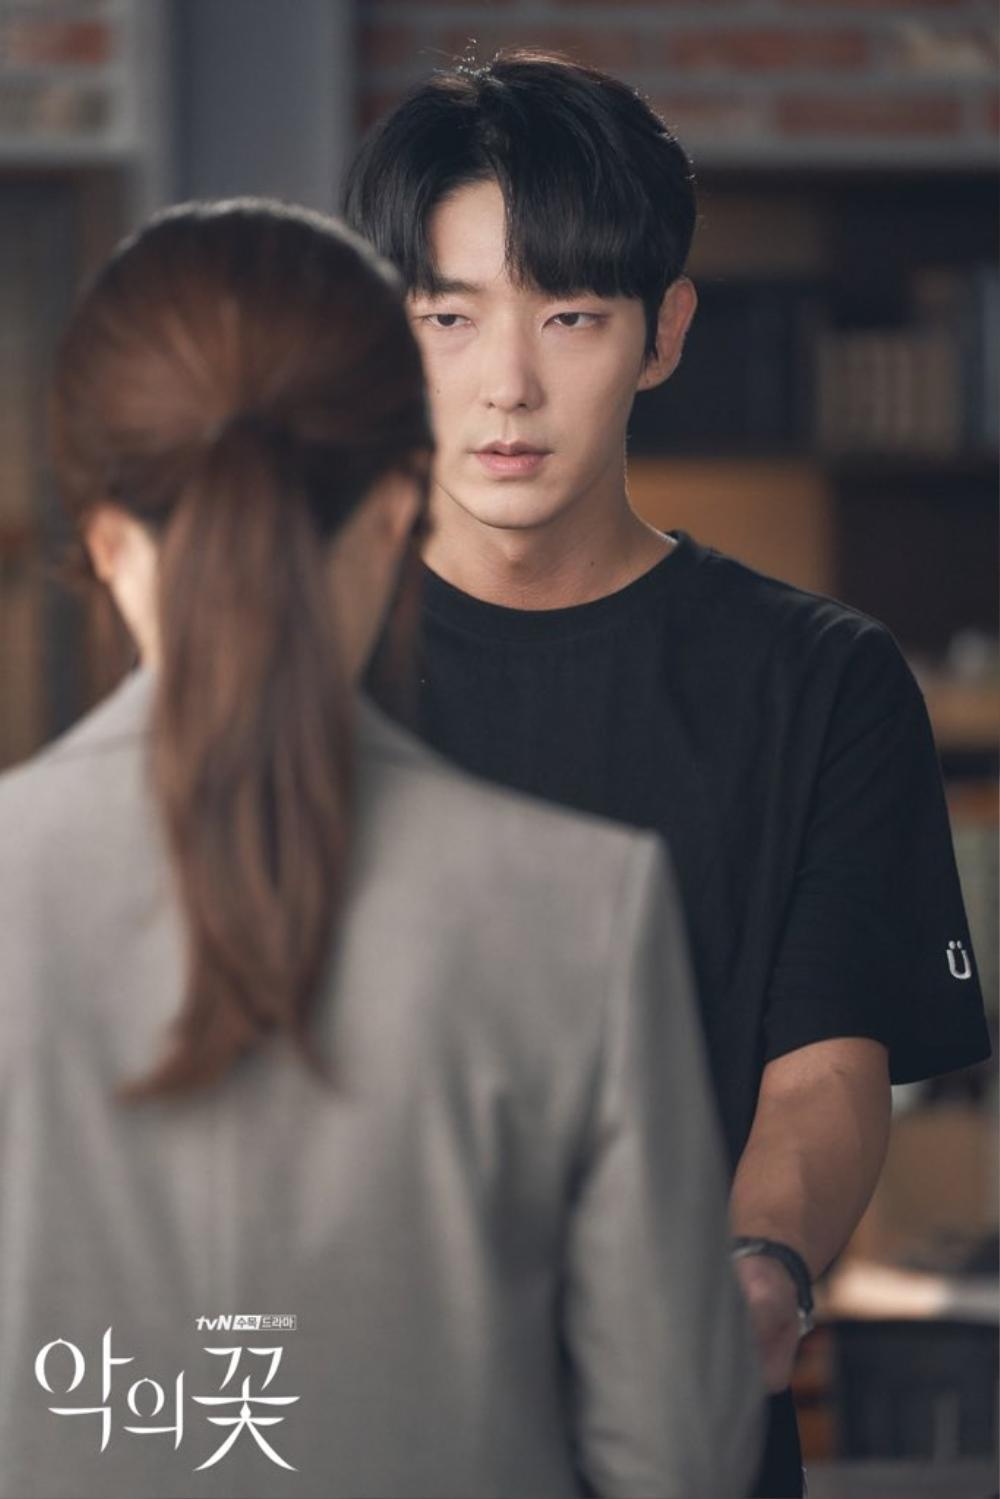 Phim của Im Soo Hyang và Ji Soo đạt rating cao nhất - Phim của Moon Chae Won và Lee Joon Gi rating giảm Ảnh 6